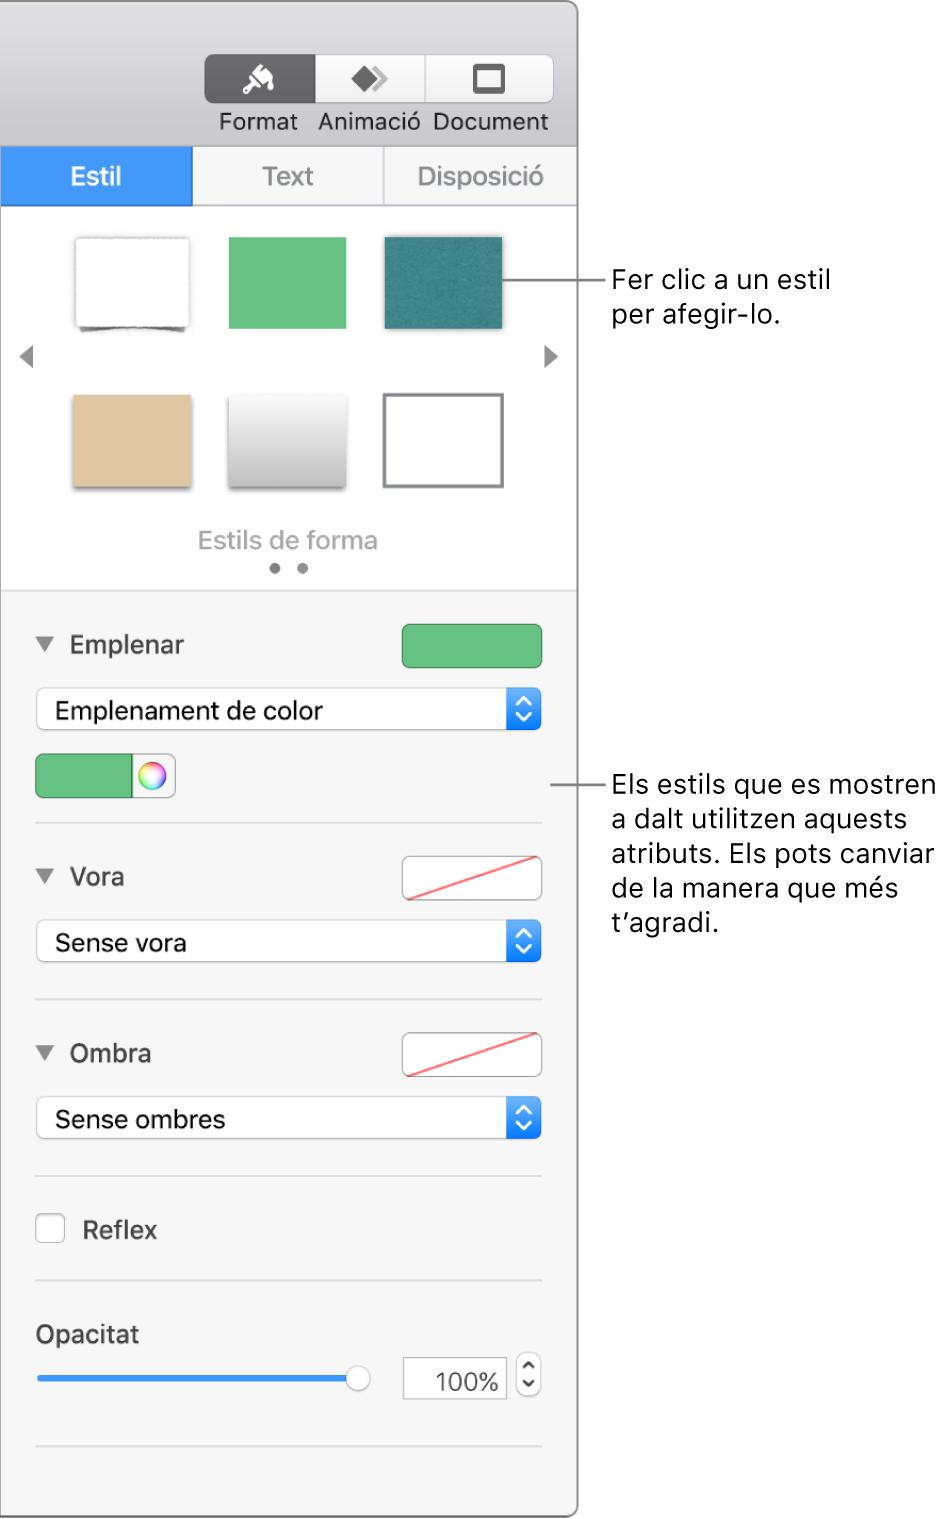 Estils i opcions per a les formes a la secció Format de la barra lateral.